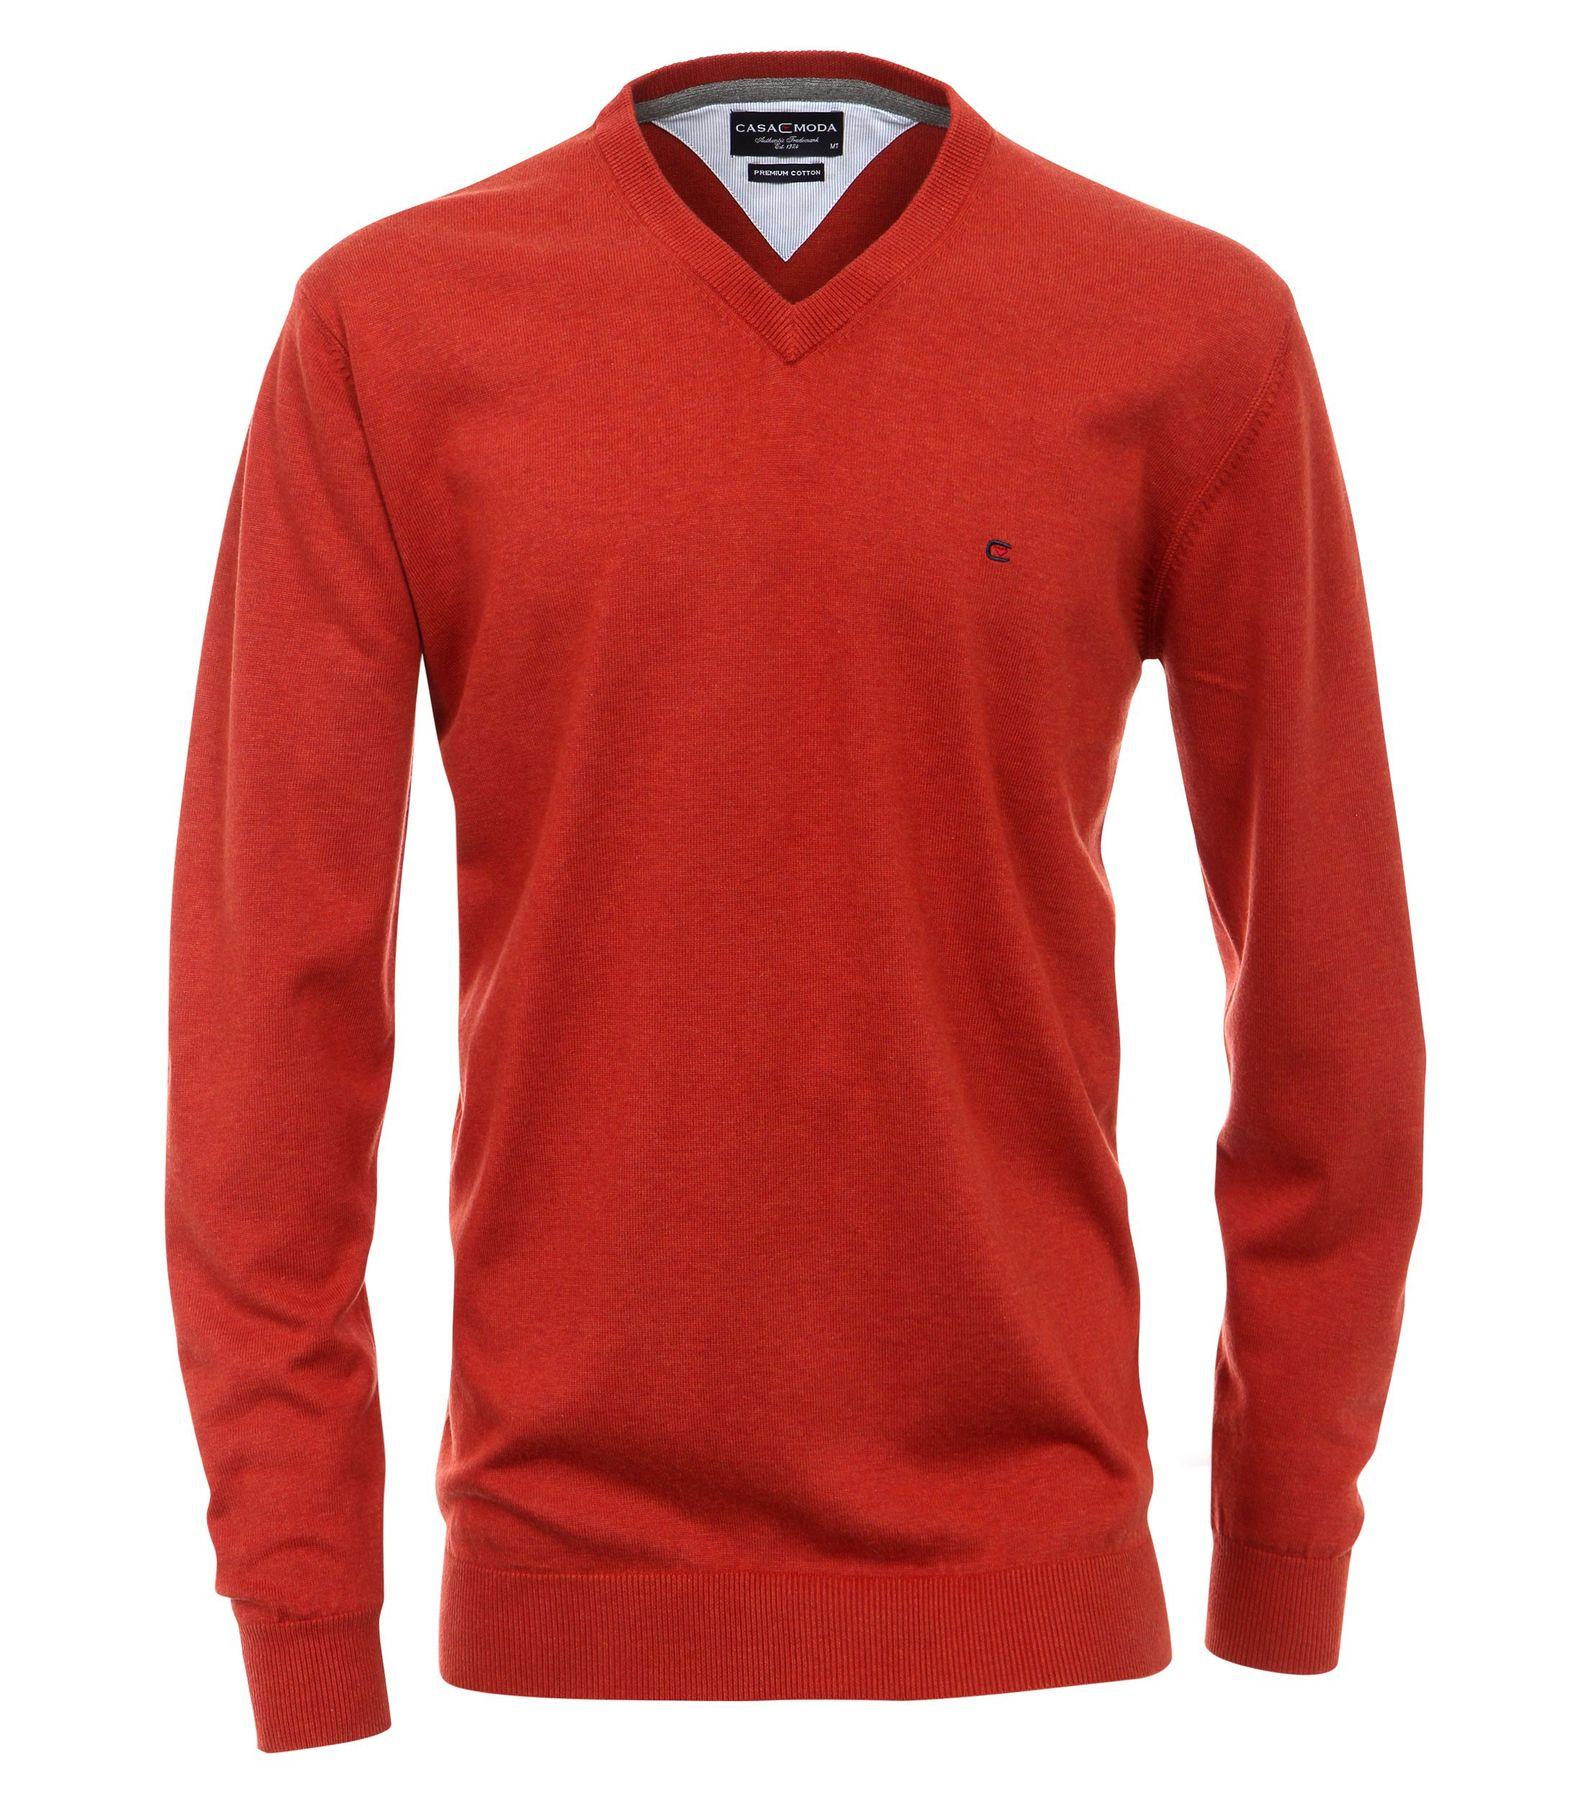 Casa Moda - Herren Pullover mit extra langem Arm (72 cm) und V-Ausschnitt in verschiedenen Farben (401300202) – Bild 2